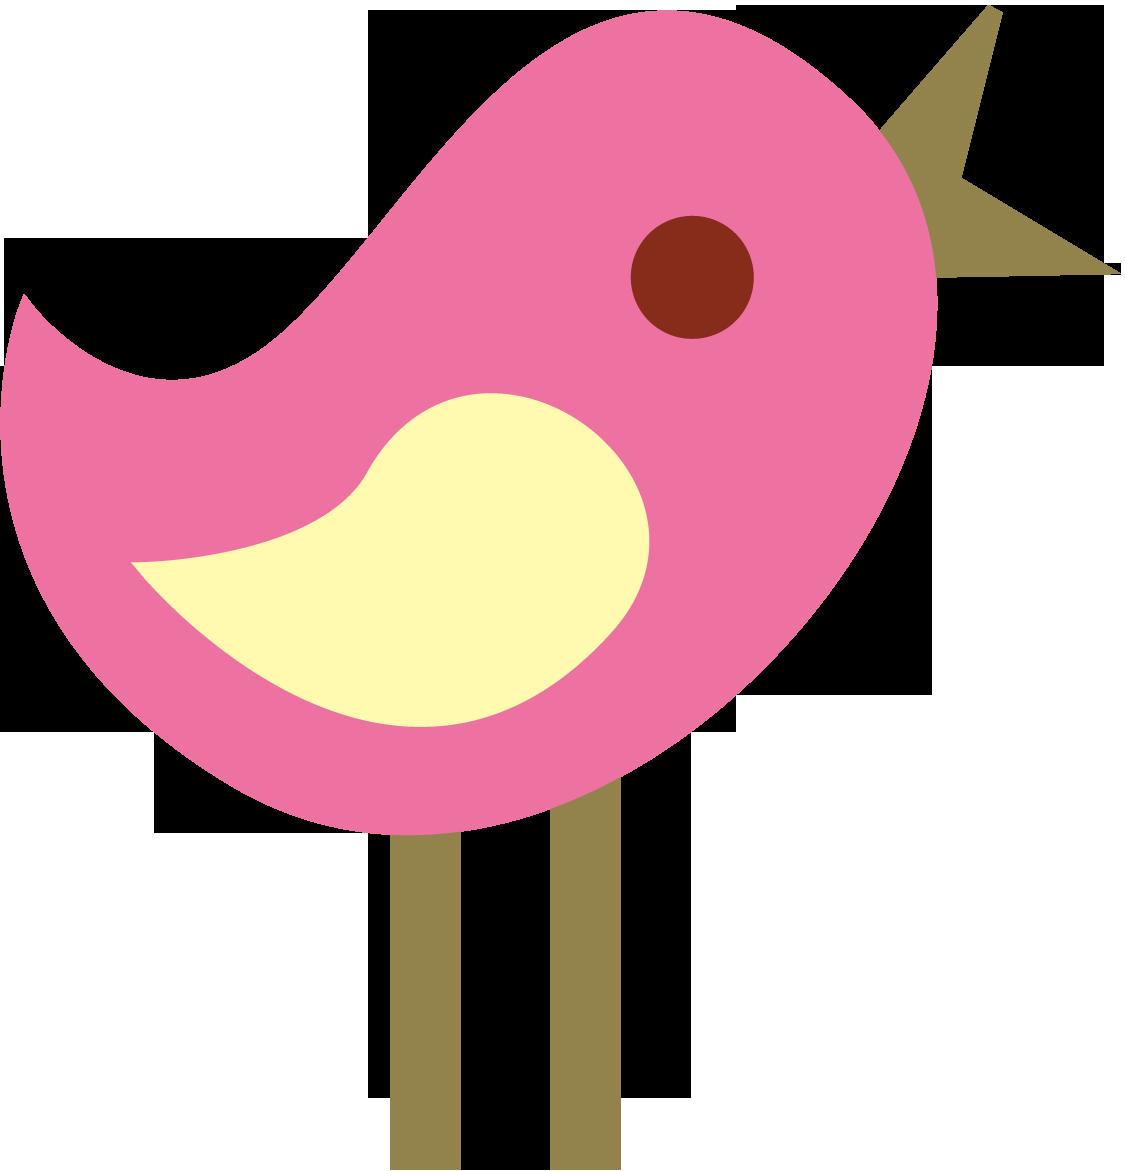 Cute birdhouse clipart